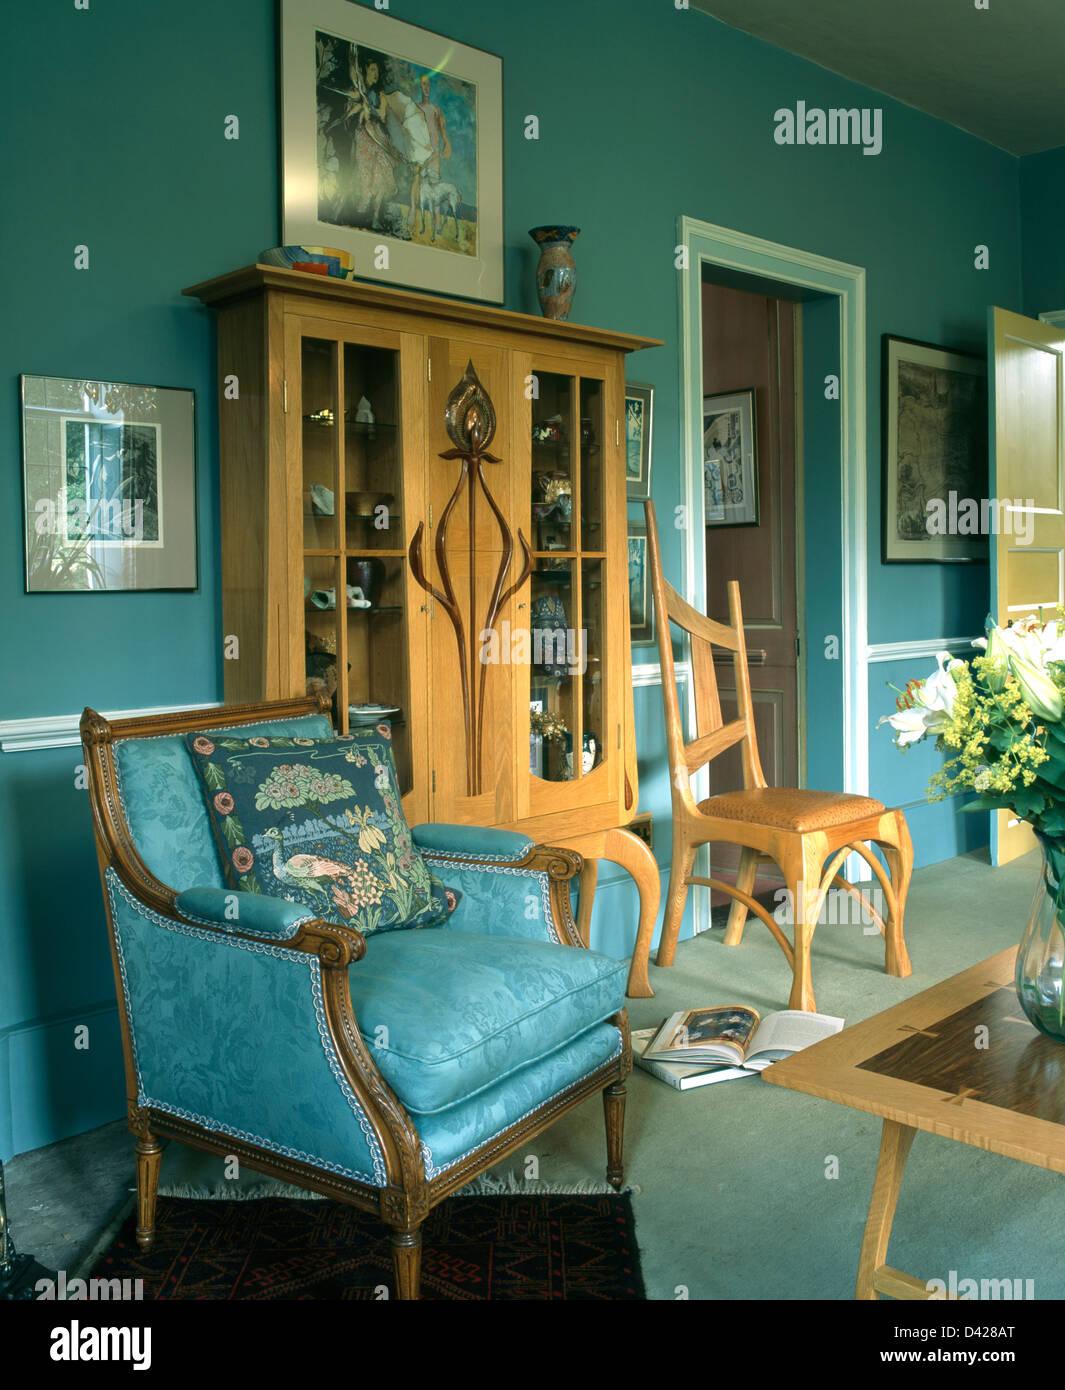 Türkis-Blau Damast Sessel und blass verglasten Holzgehäuse in Türkis ...